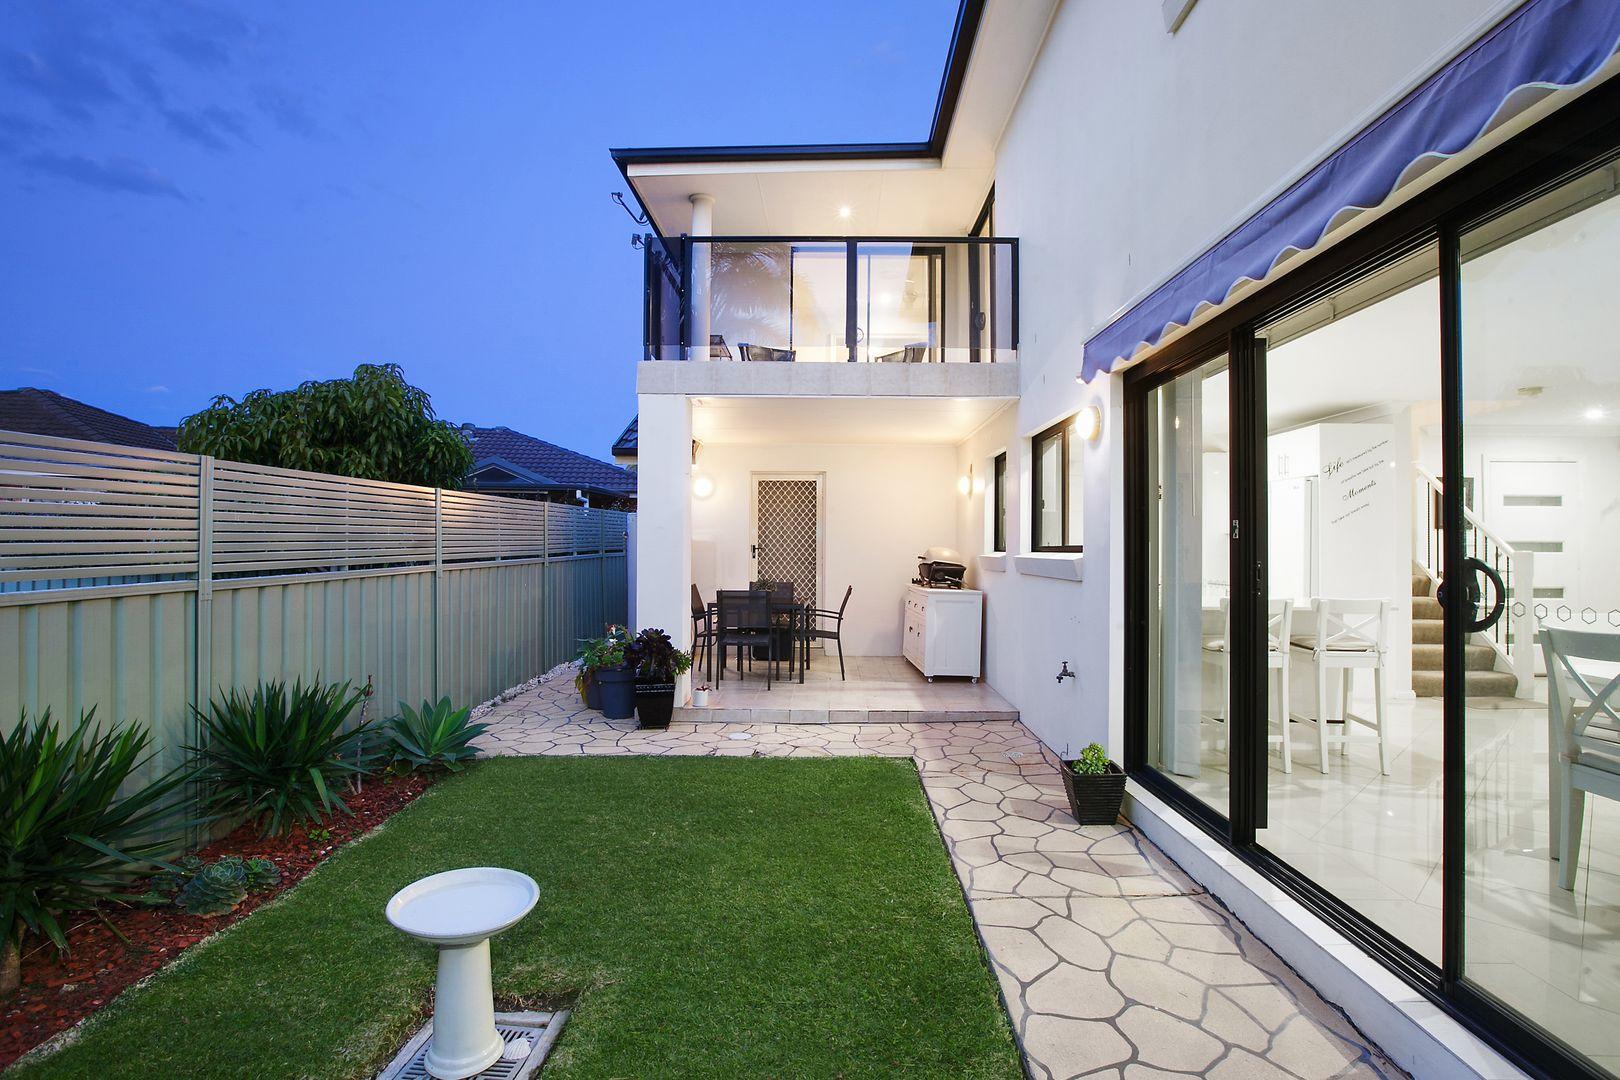 3/14 Oaks  Avenue, Long Jetty NSW 2261, Image 2